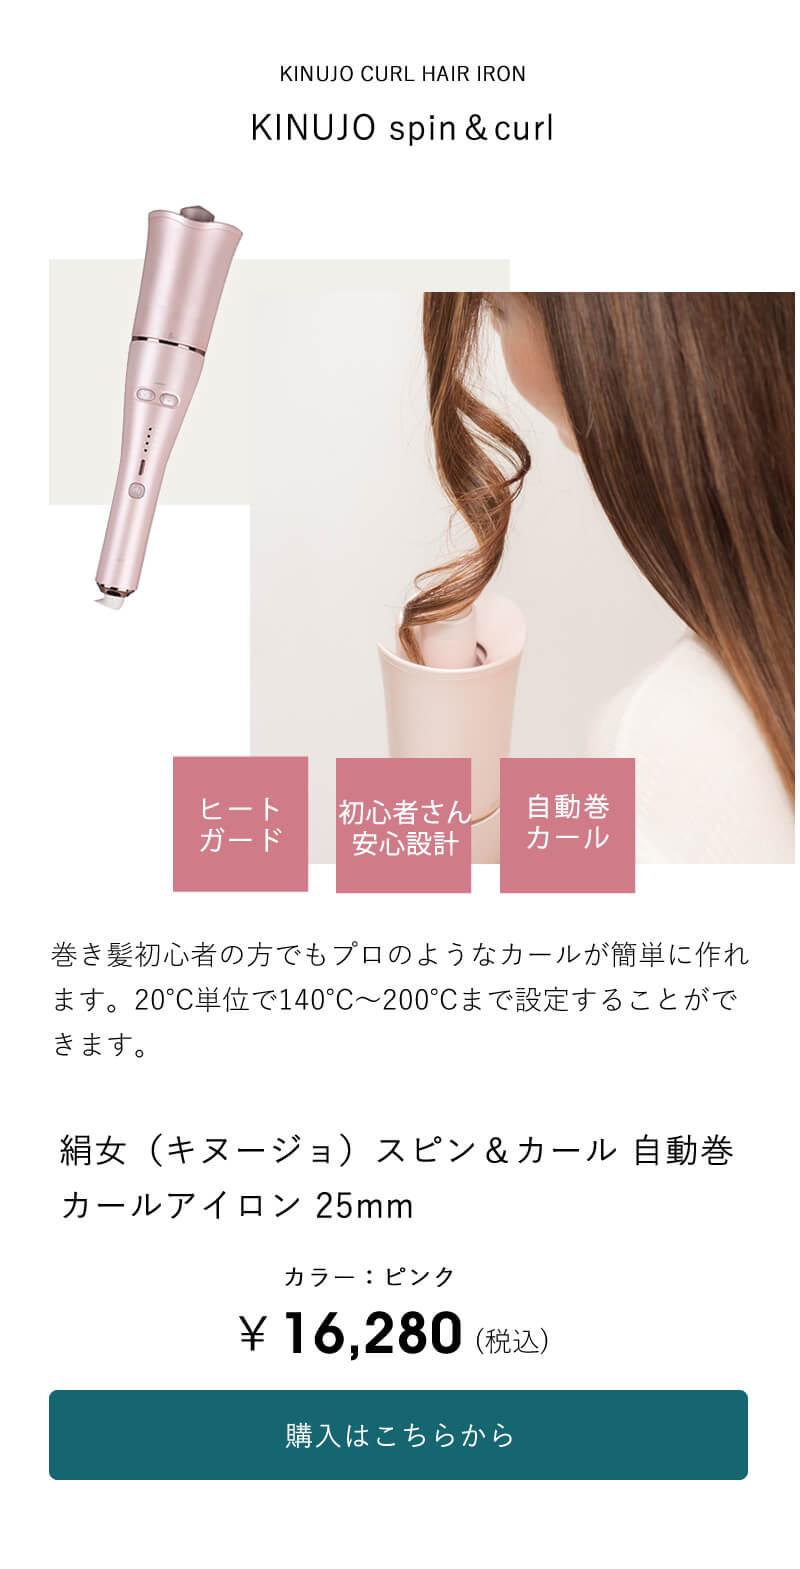 絹女 スピン&カール 自動巻カールアイロン 25mm